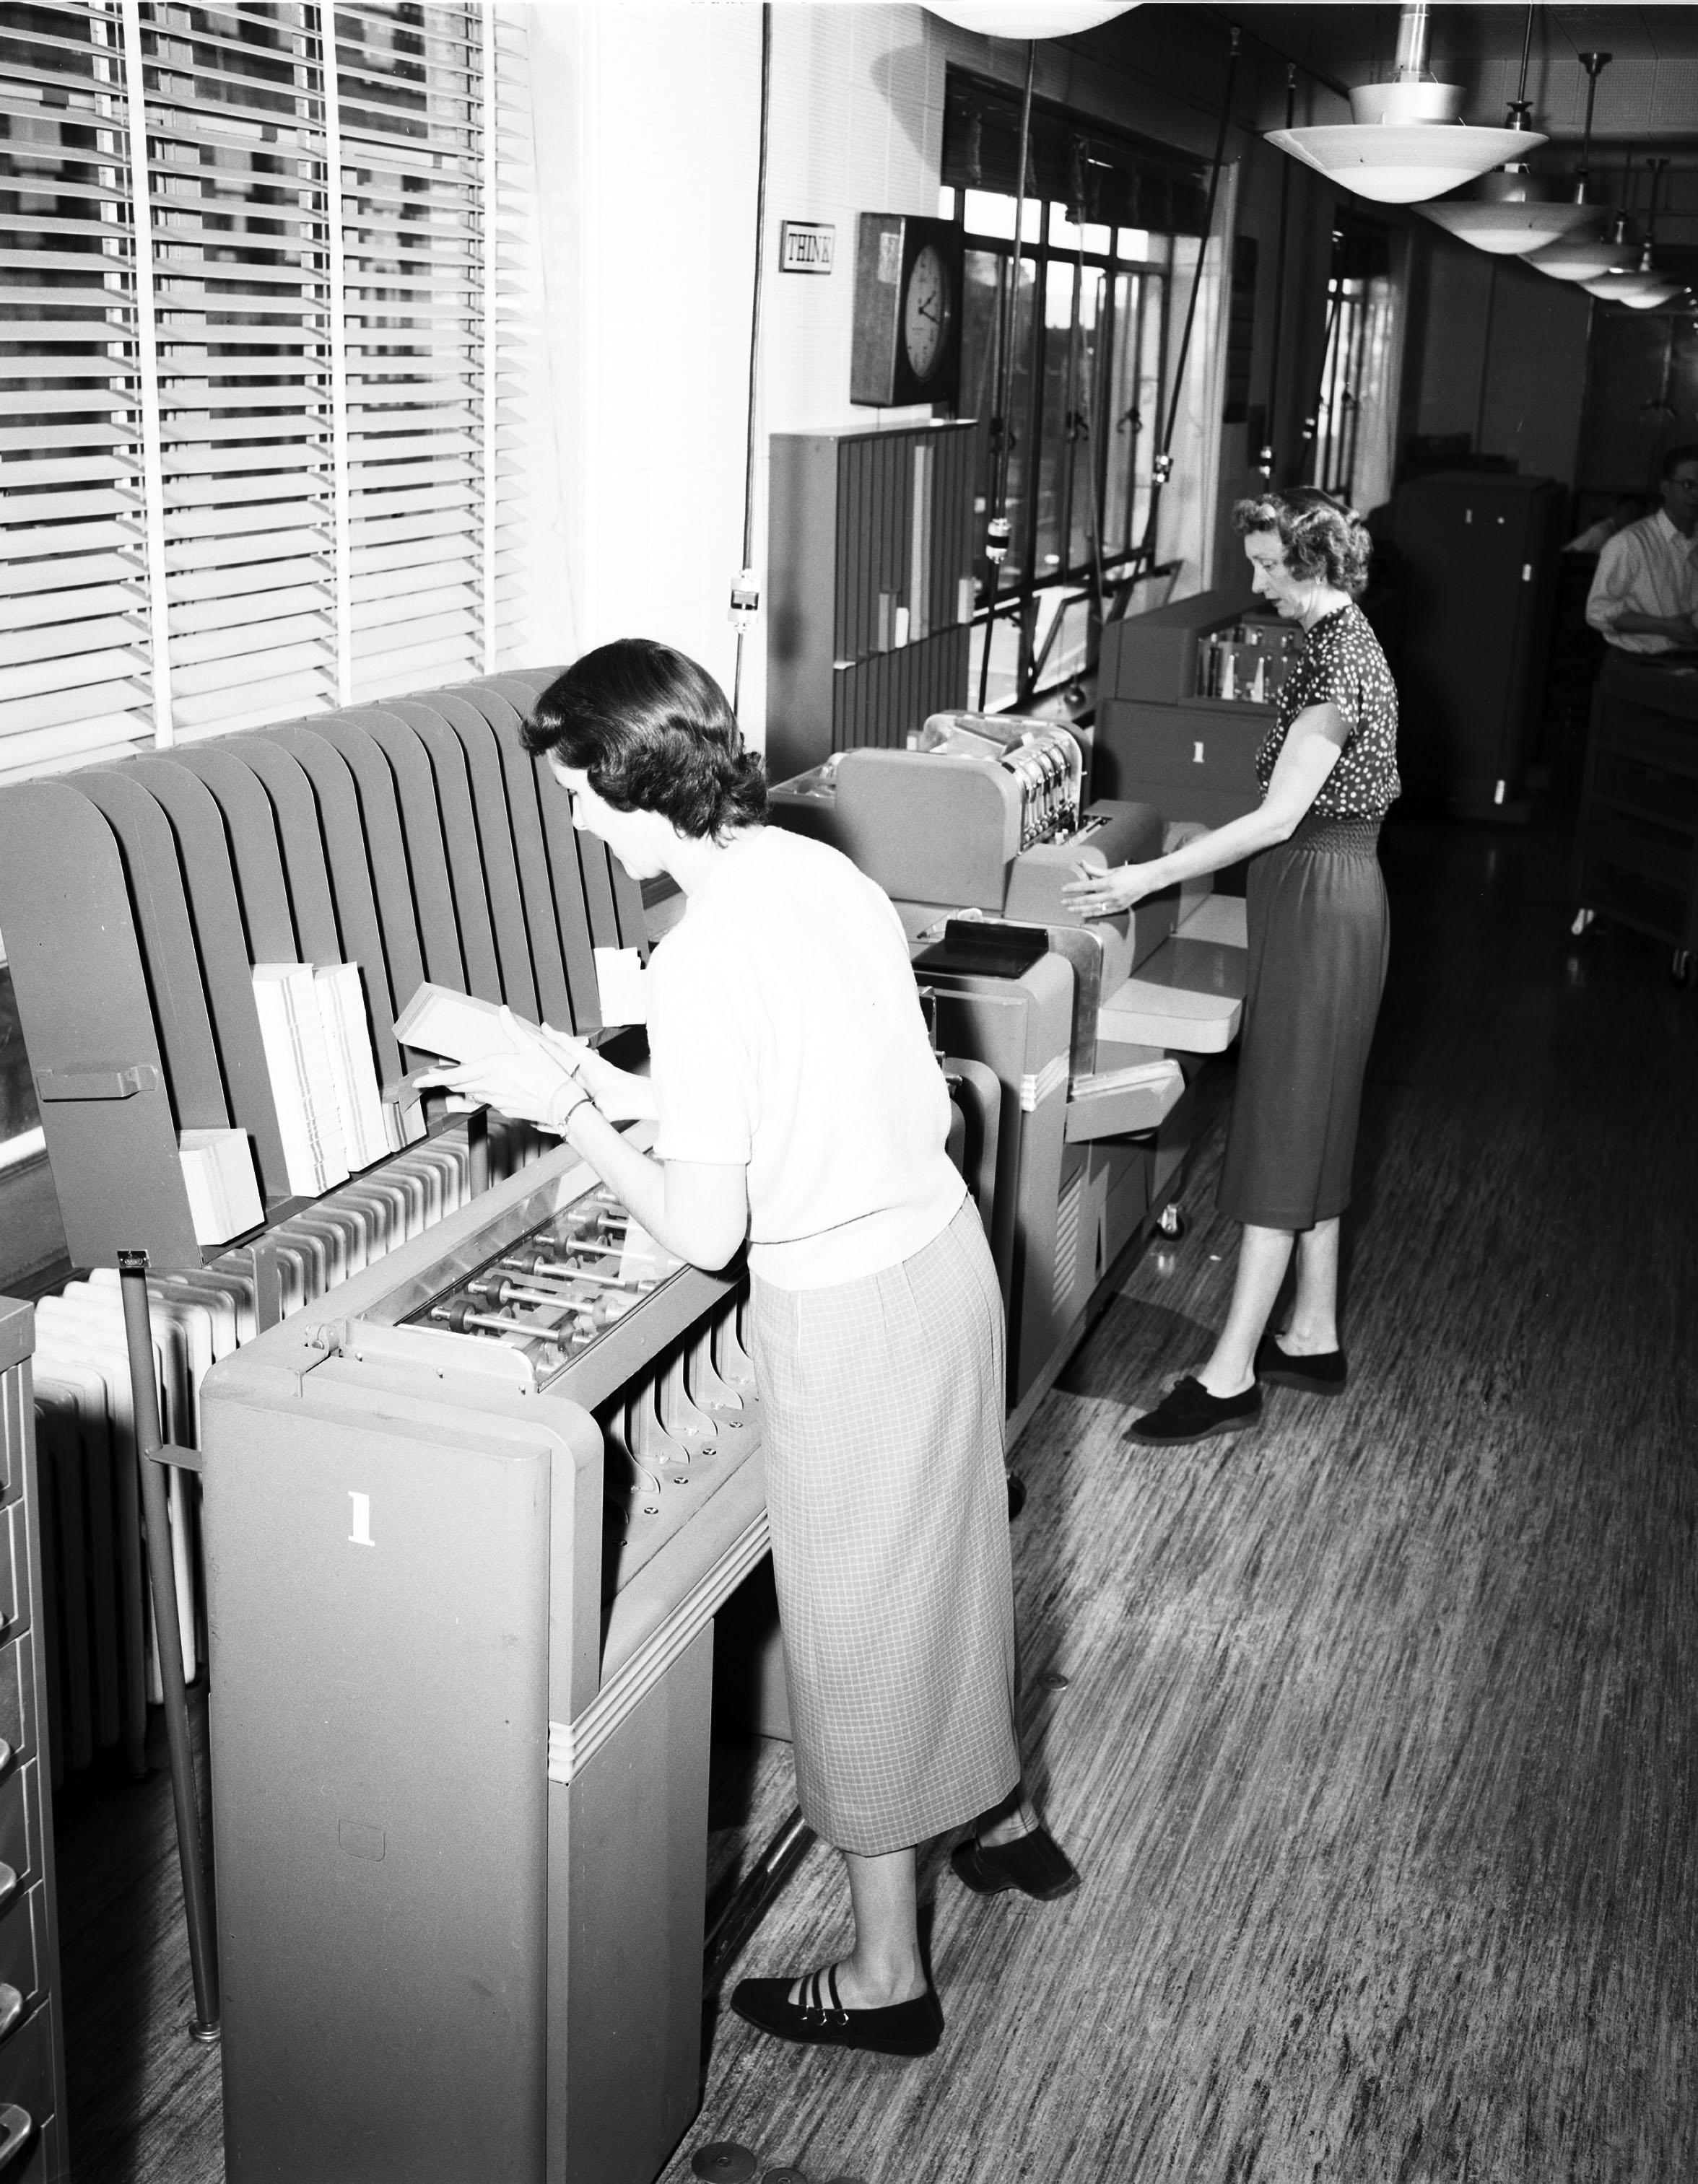 File:Women Working In Seattle City Light Office, 1954 (26662554220)